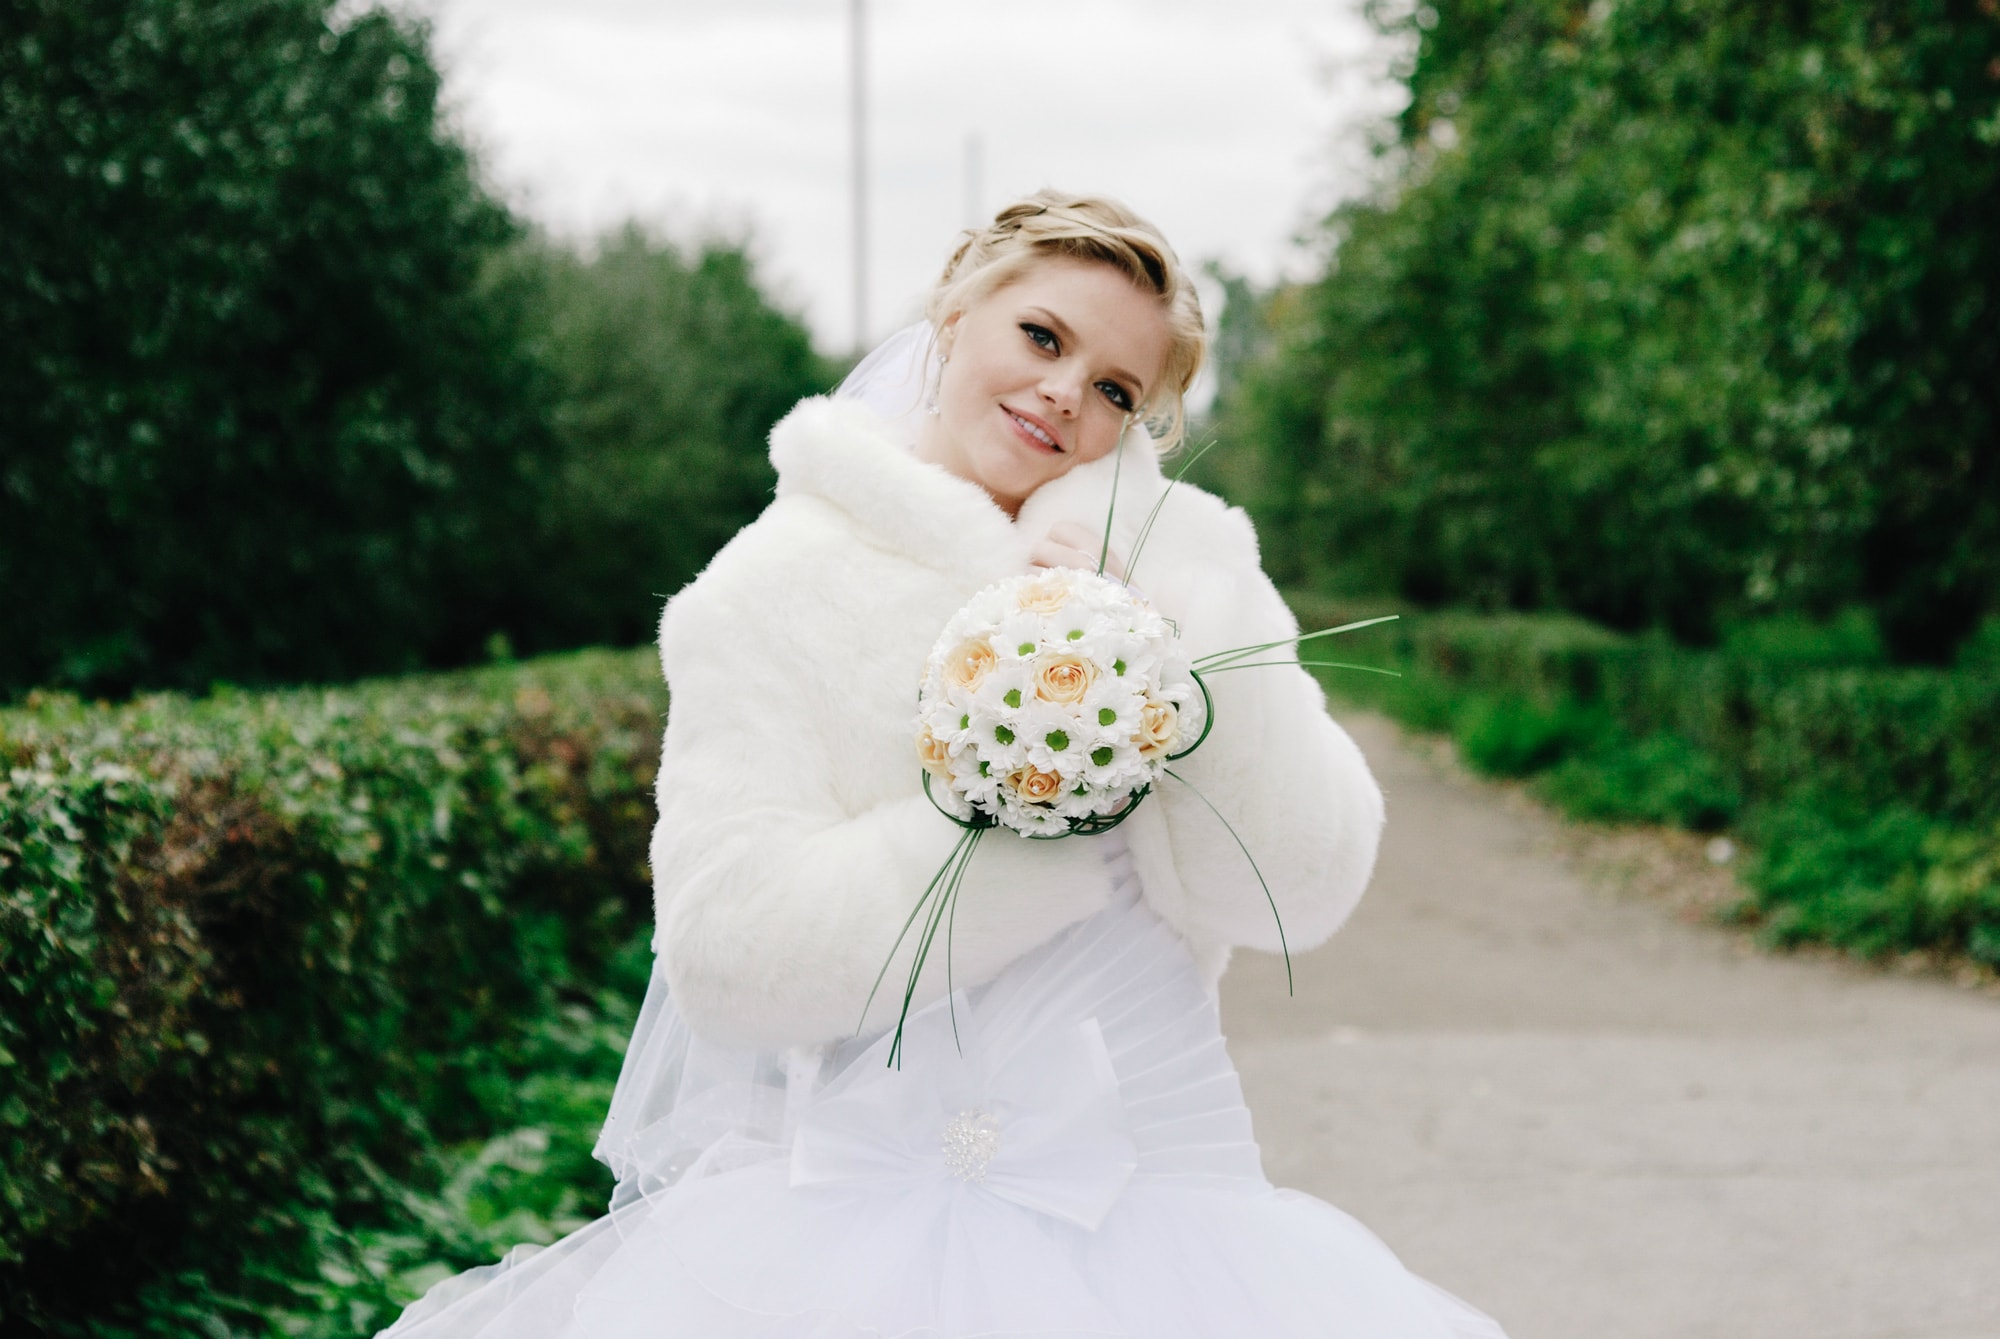 Солнечная невеста с букетом - Фотограф Киев - Женя Лайт